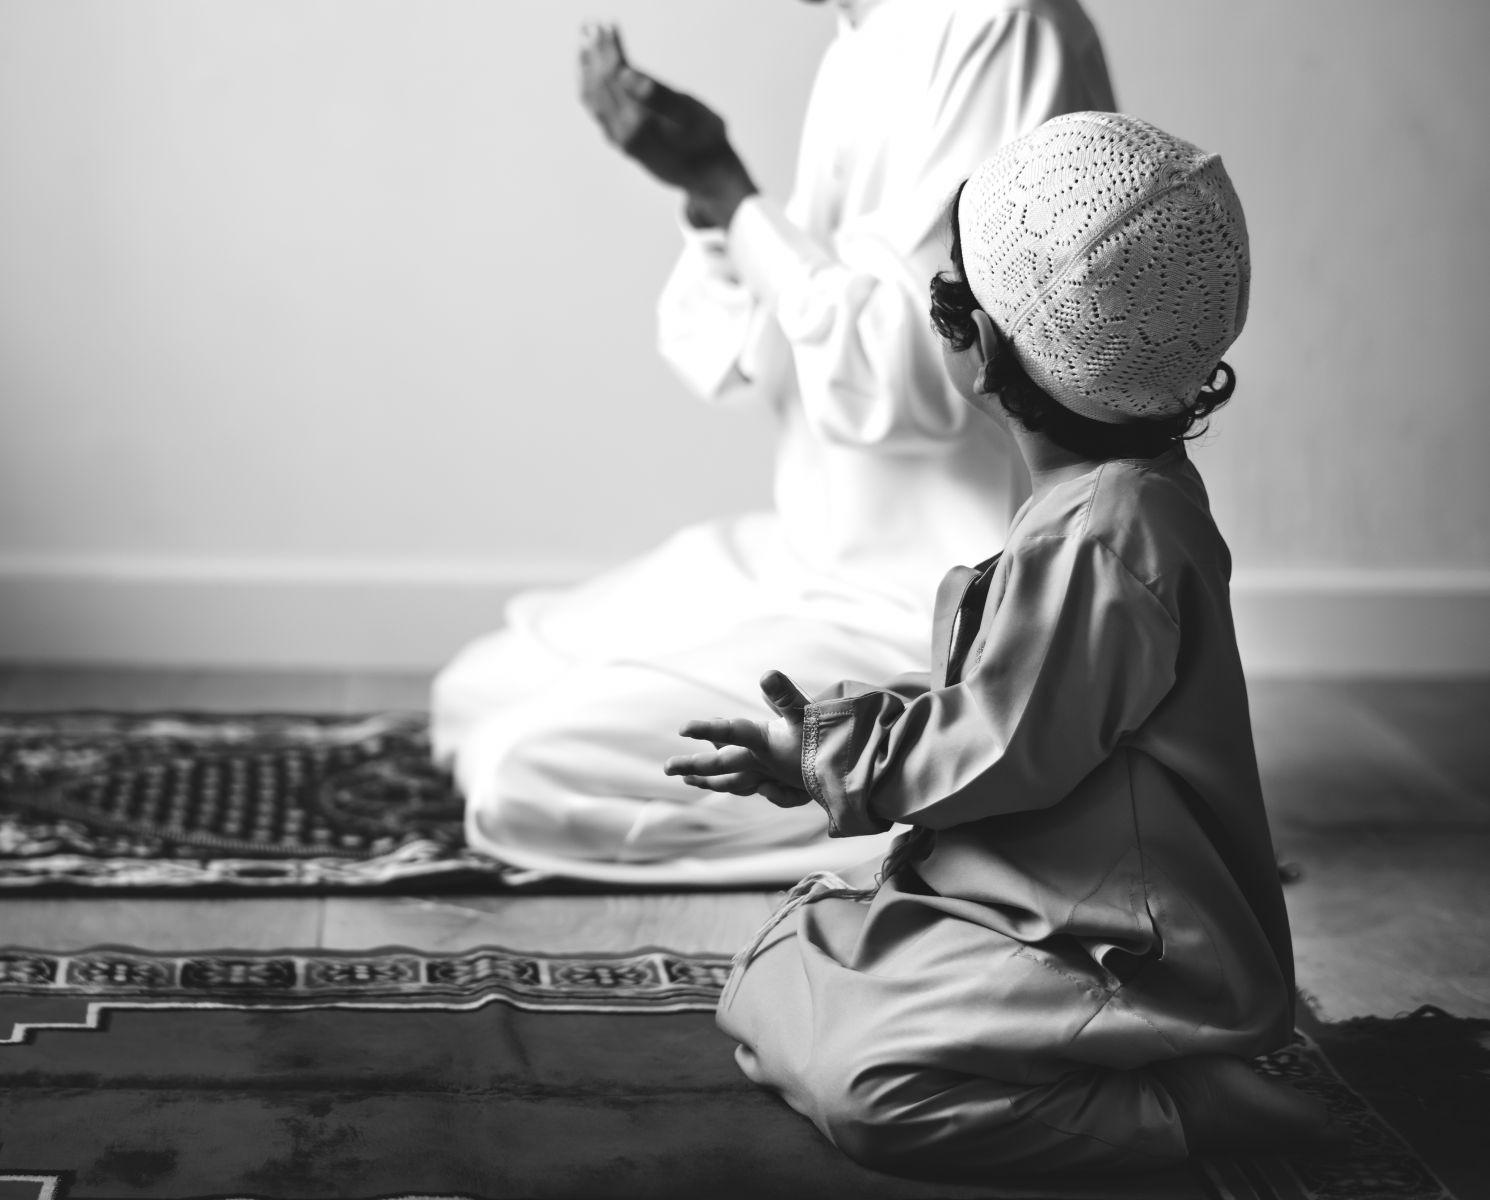 Rahasia Anak Tumbuh Saleh dalam Agama Islam, Catat Bunda!